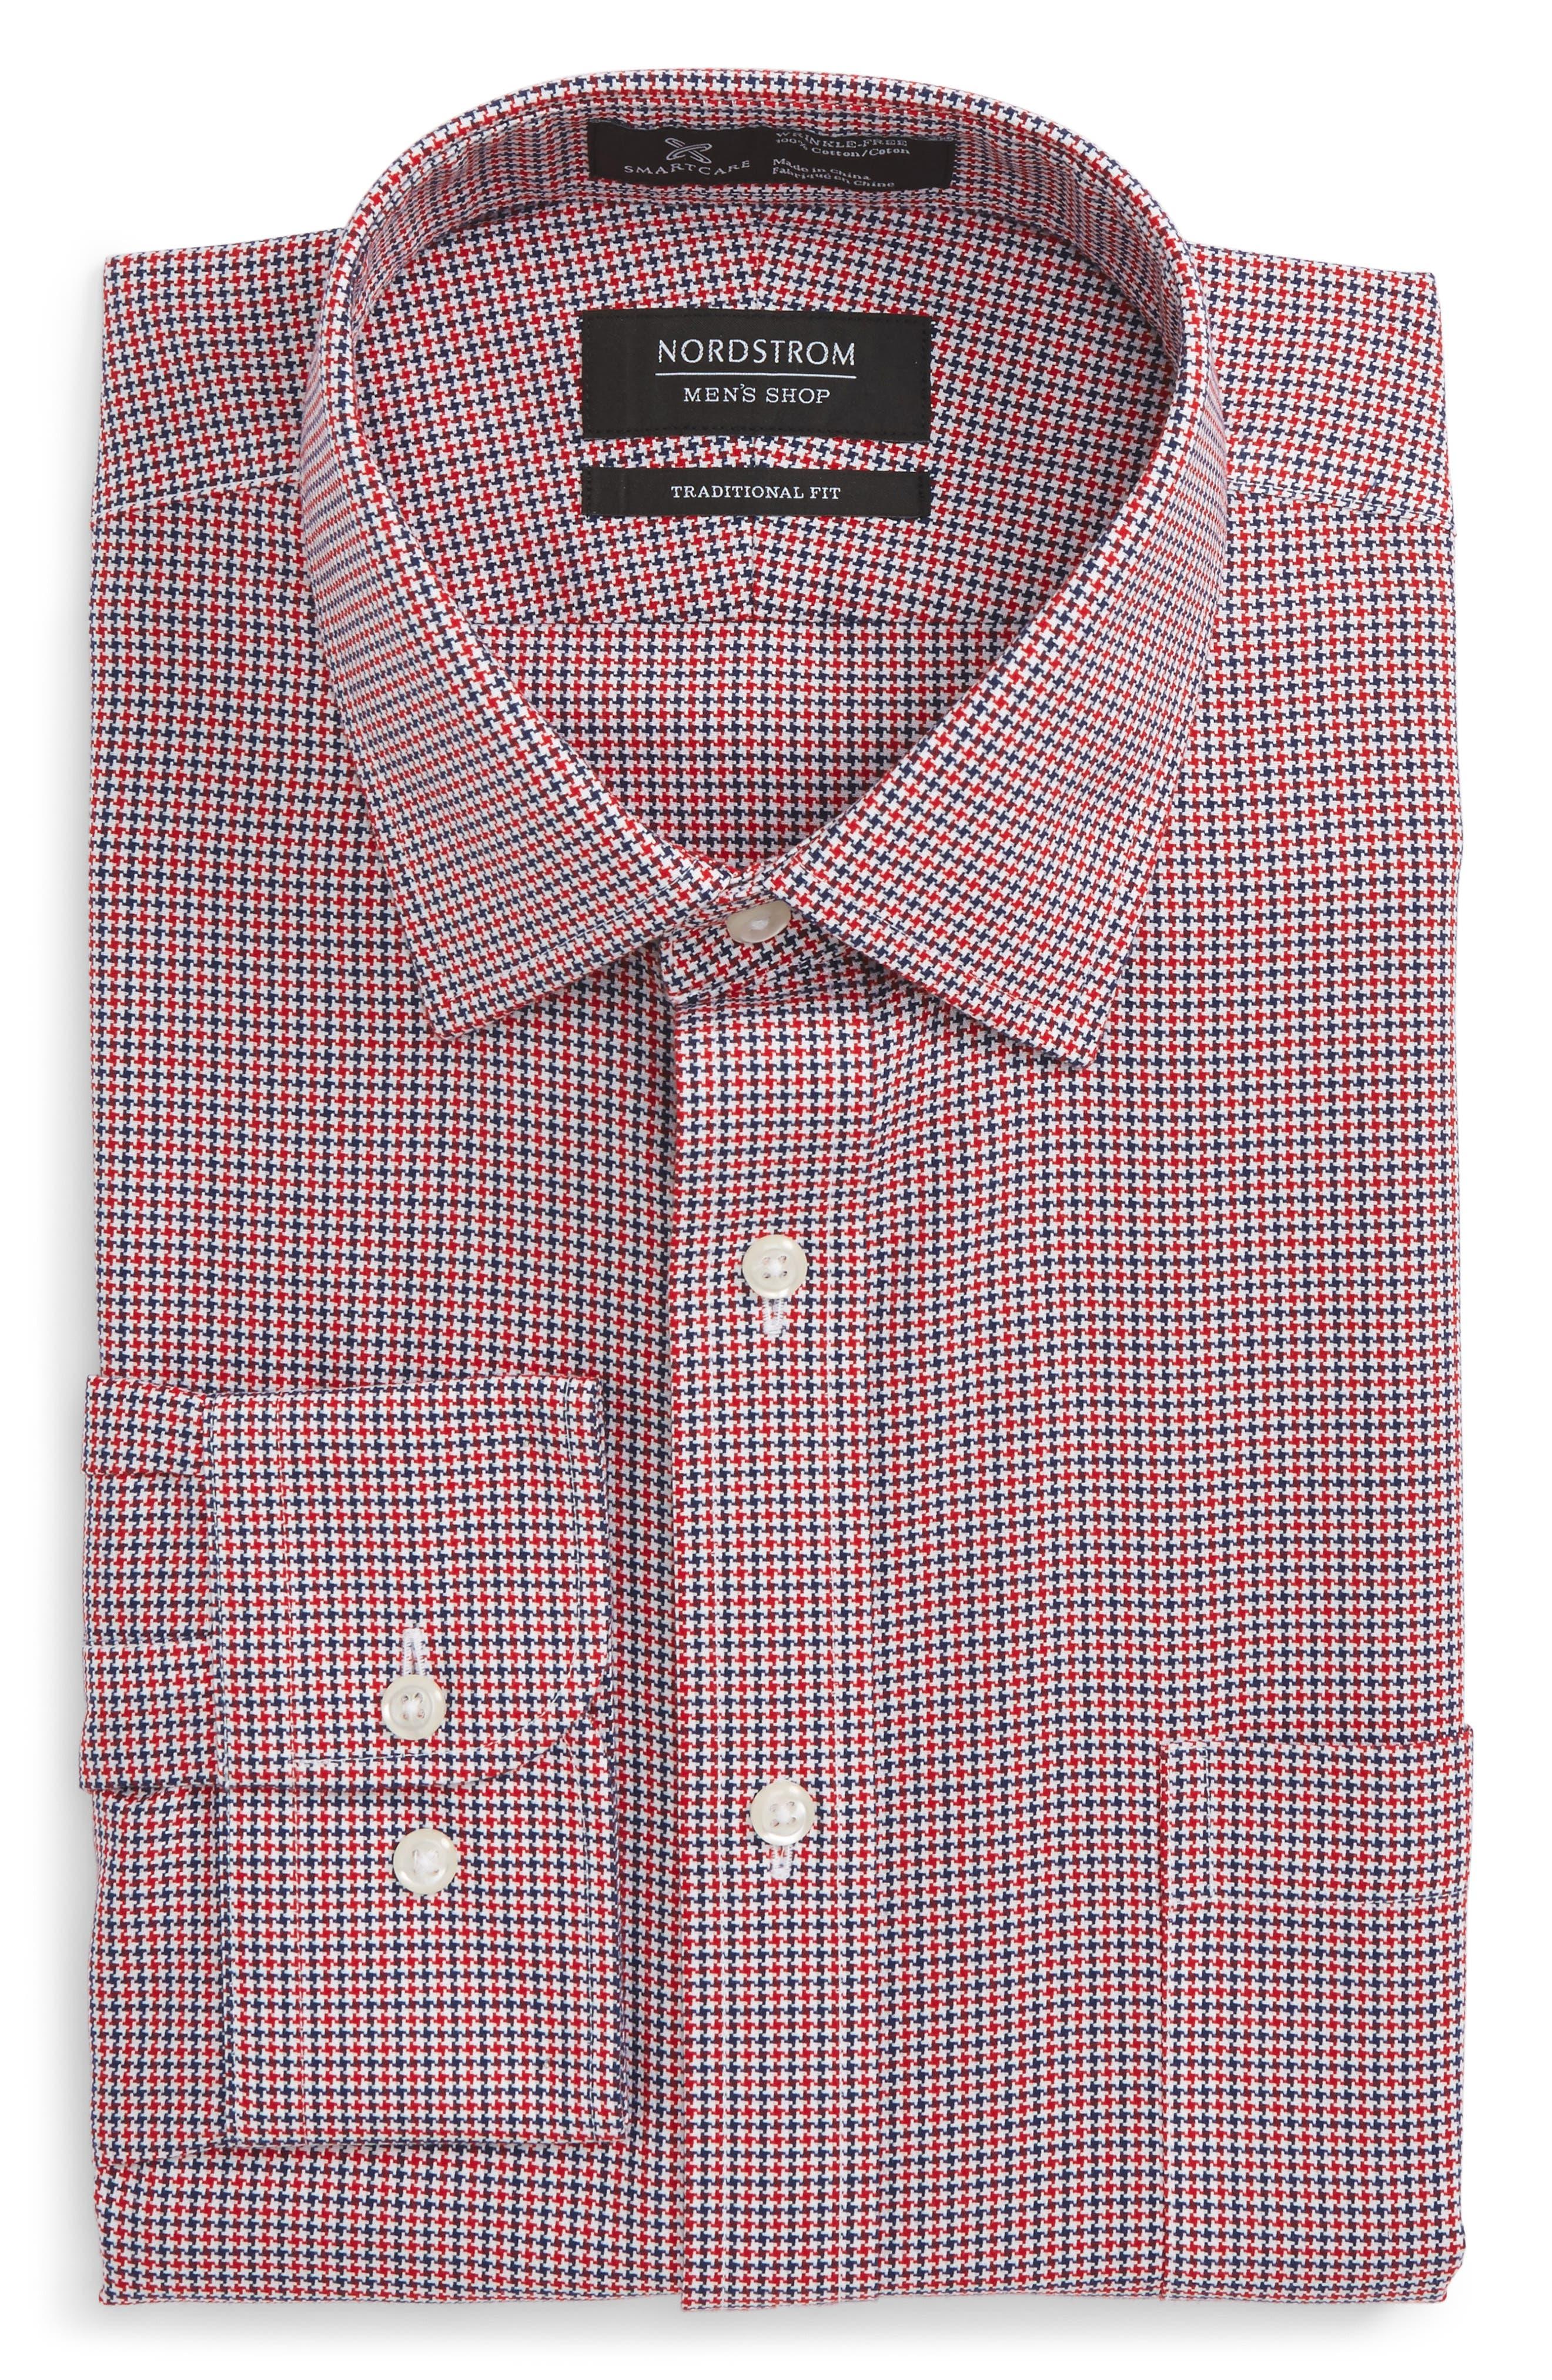 Alternate Image 1 Selected - Nordstrom Men's Shop Smartcare™ Traditional Fit Houndstooth Dress Shirt